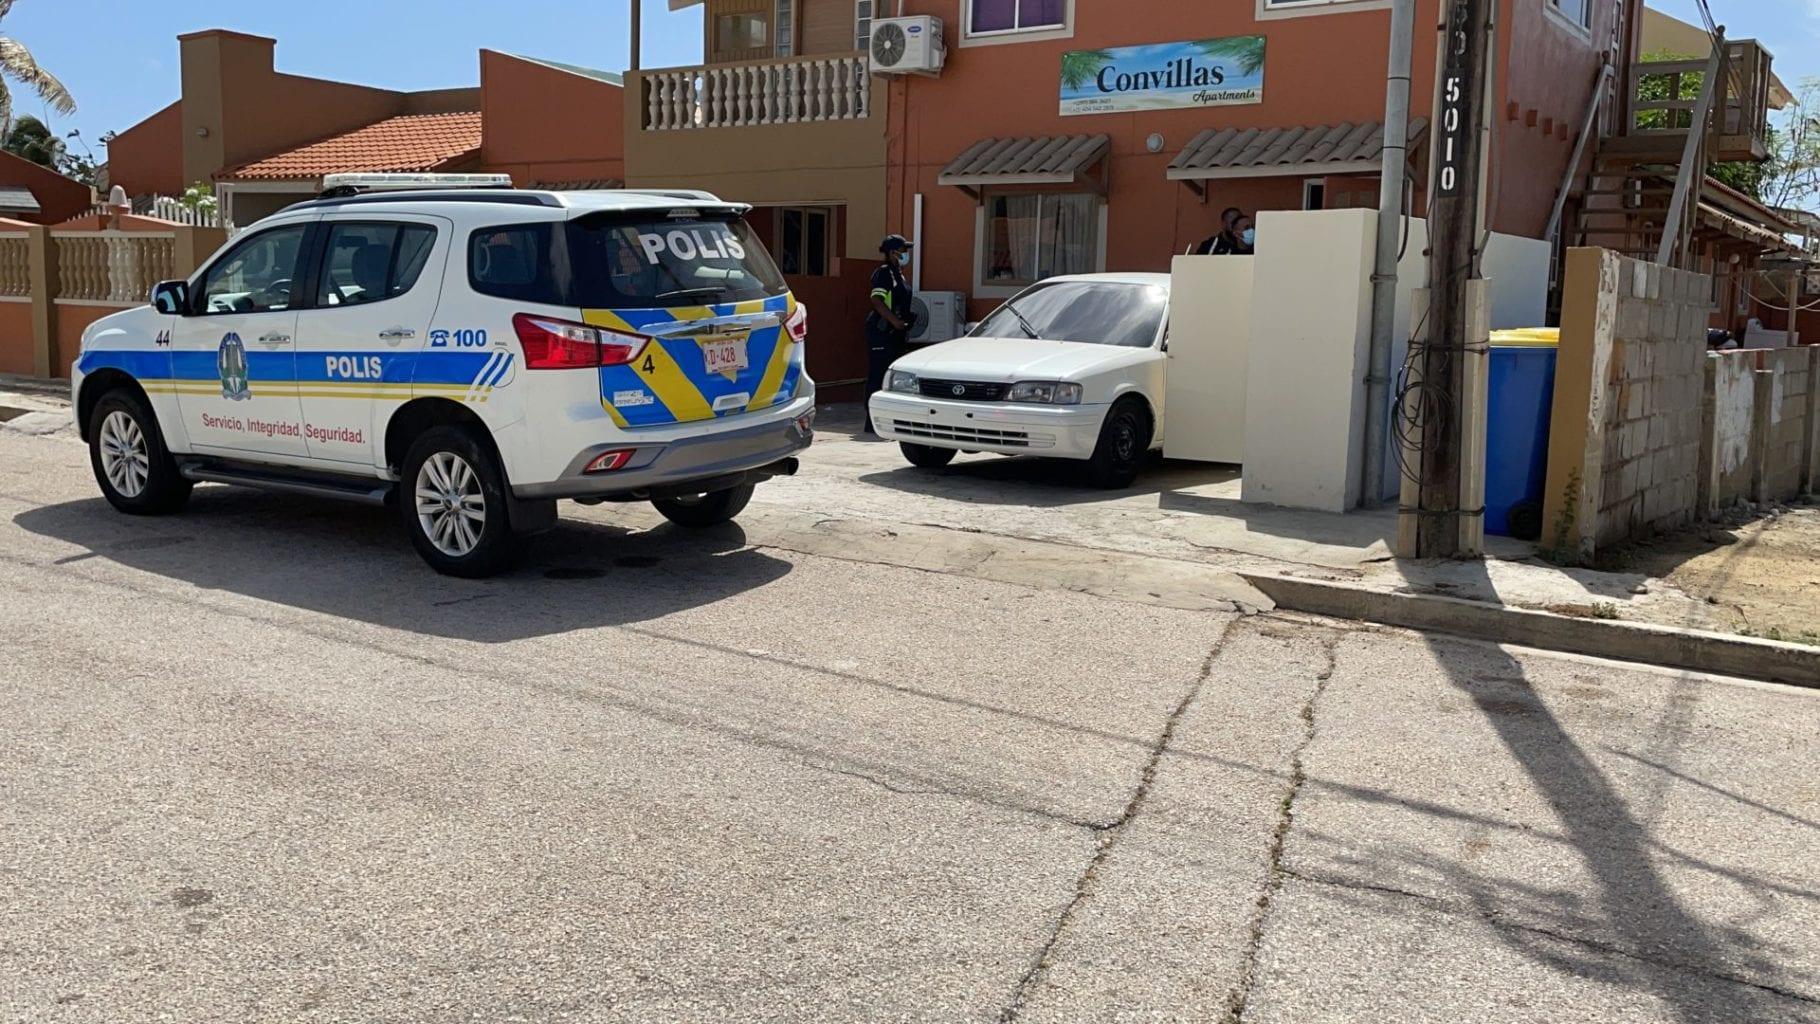 Polis a rescata mucha su so den cas